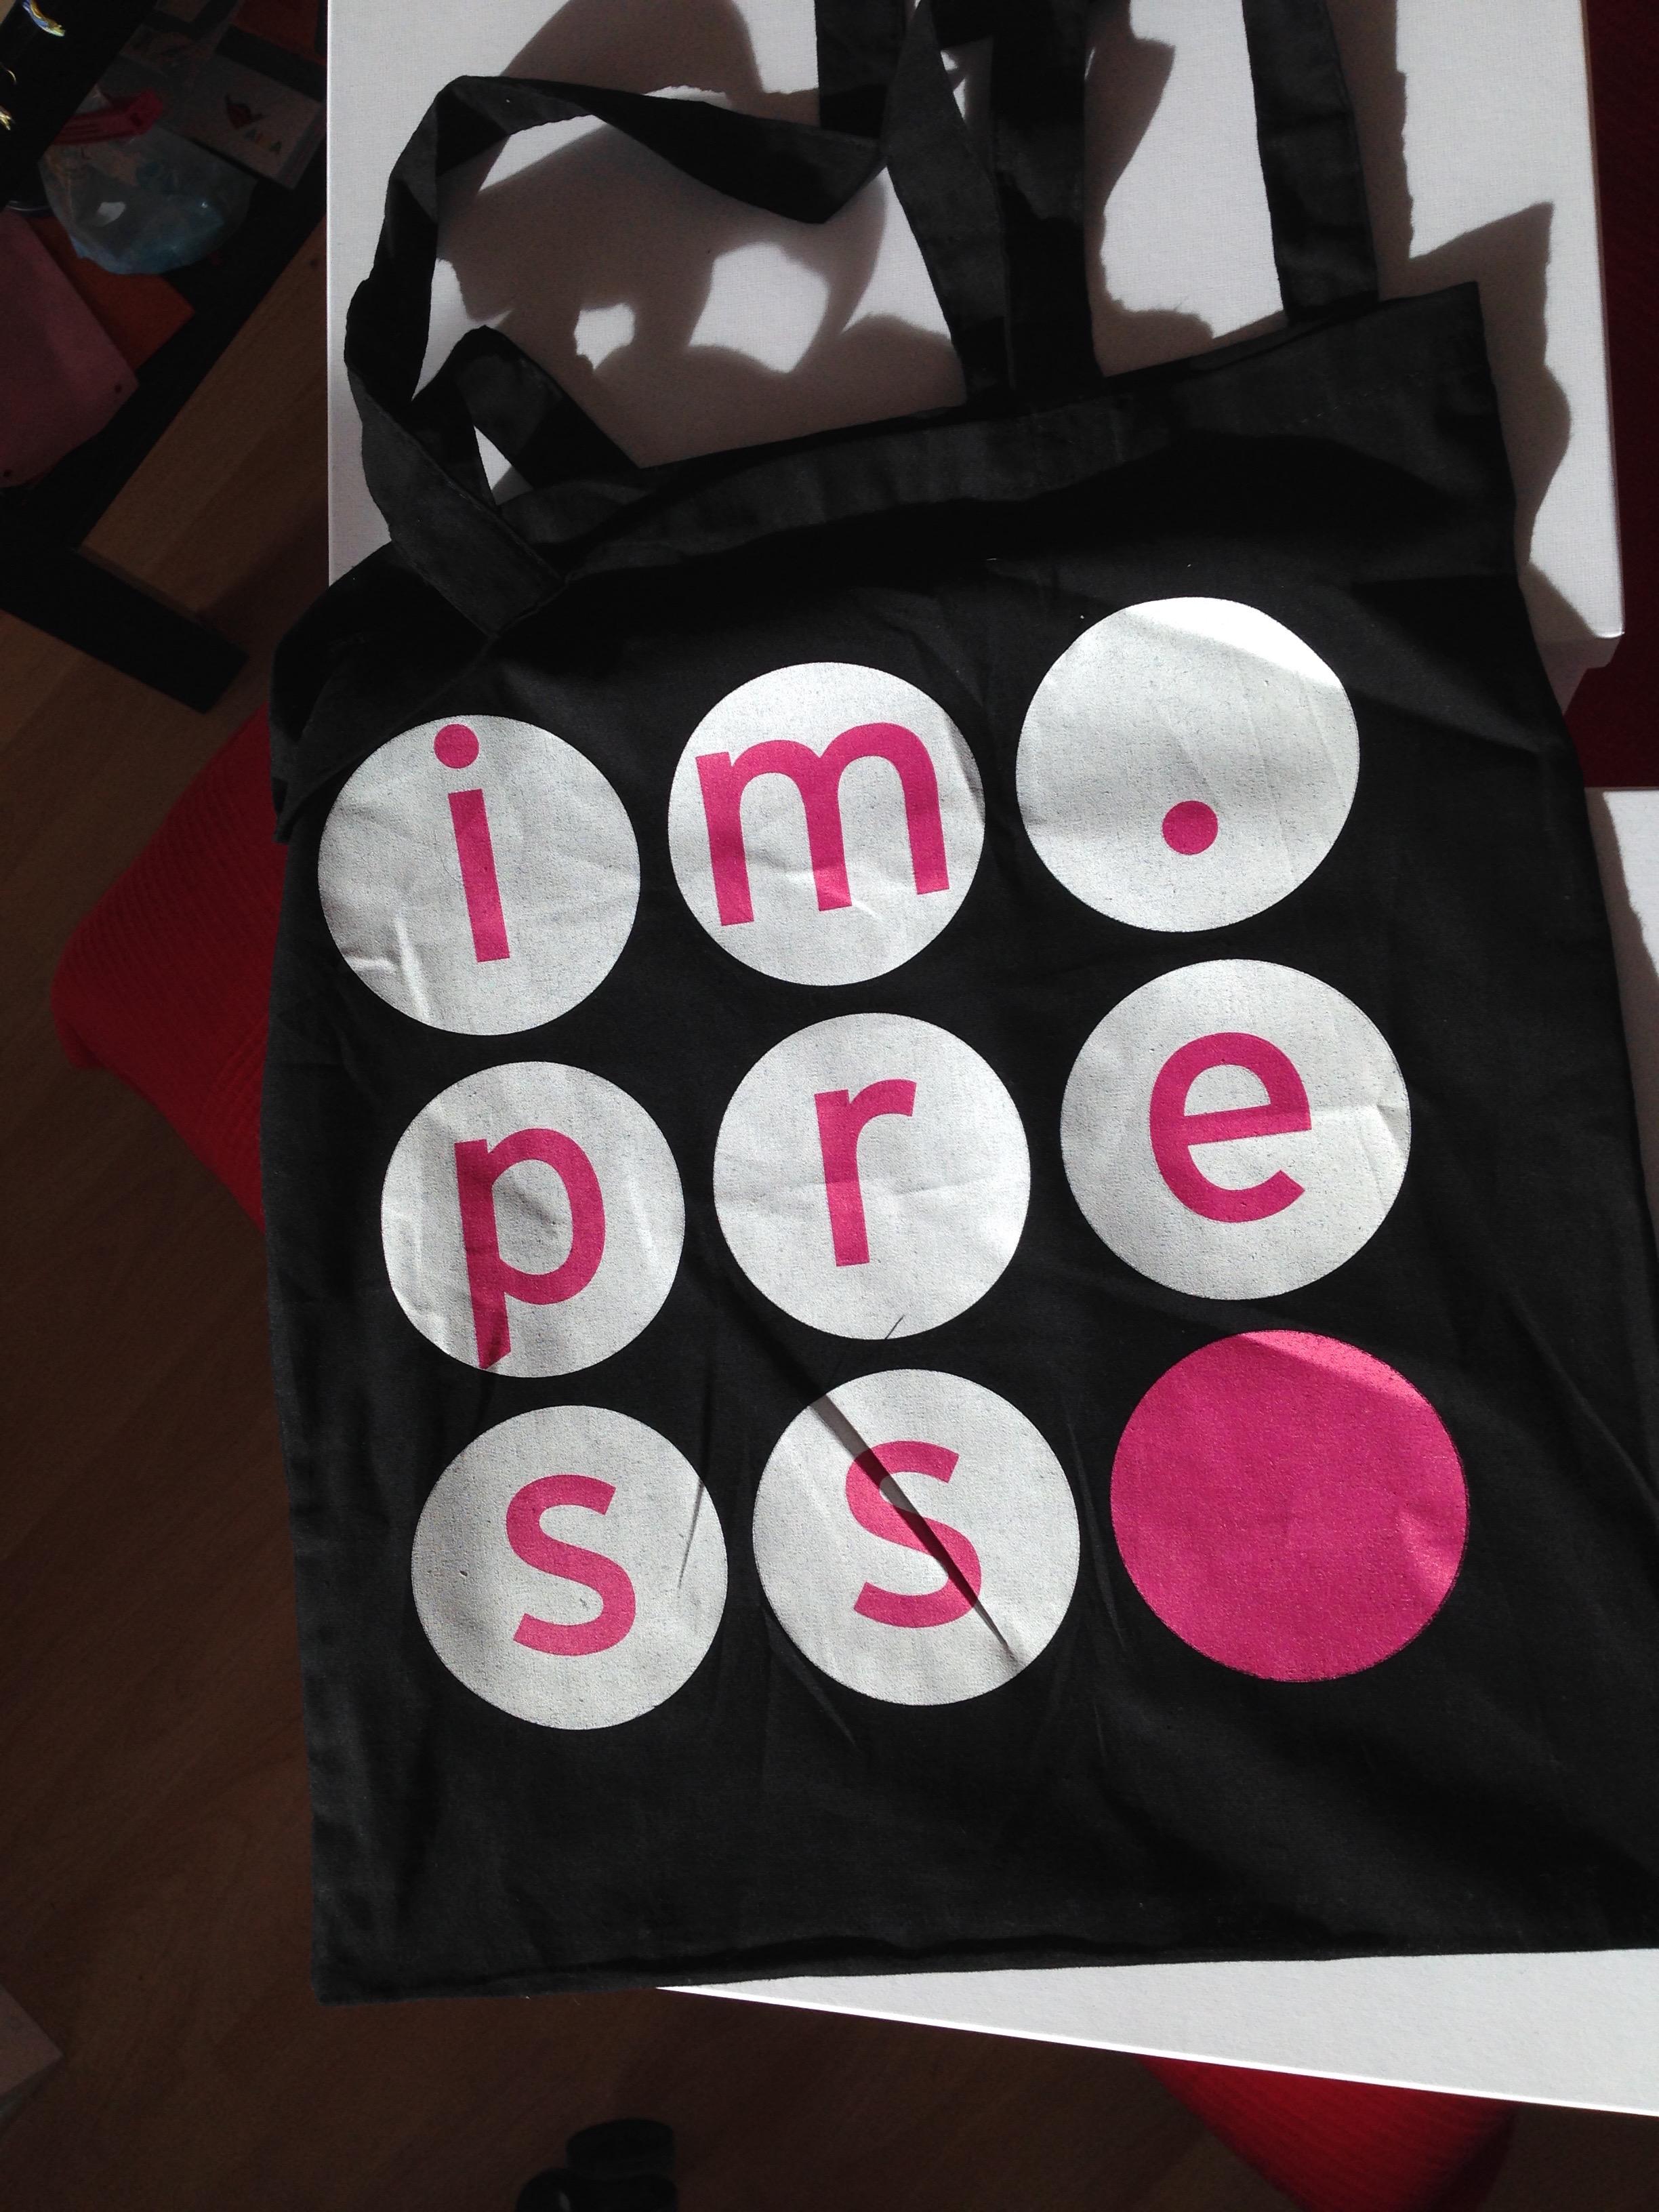 im.press 1